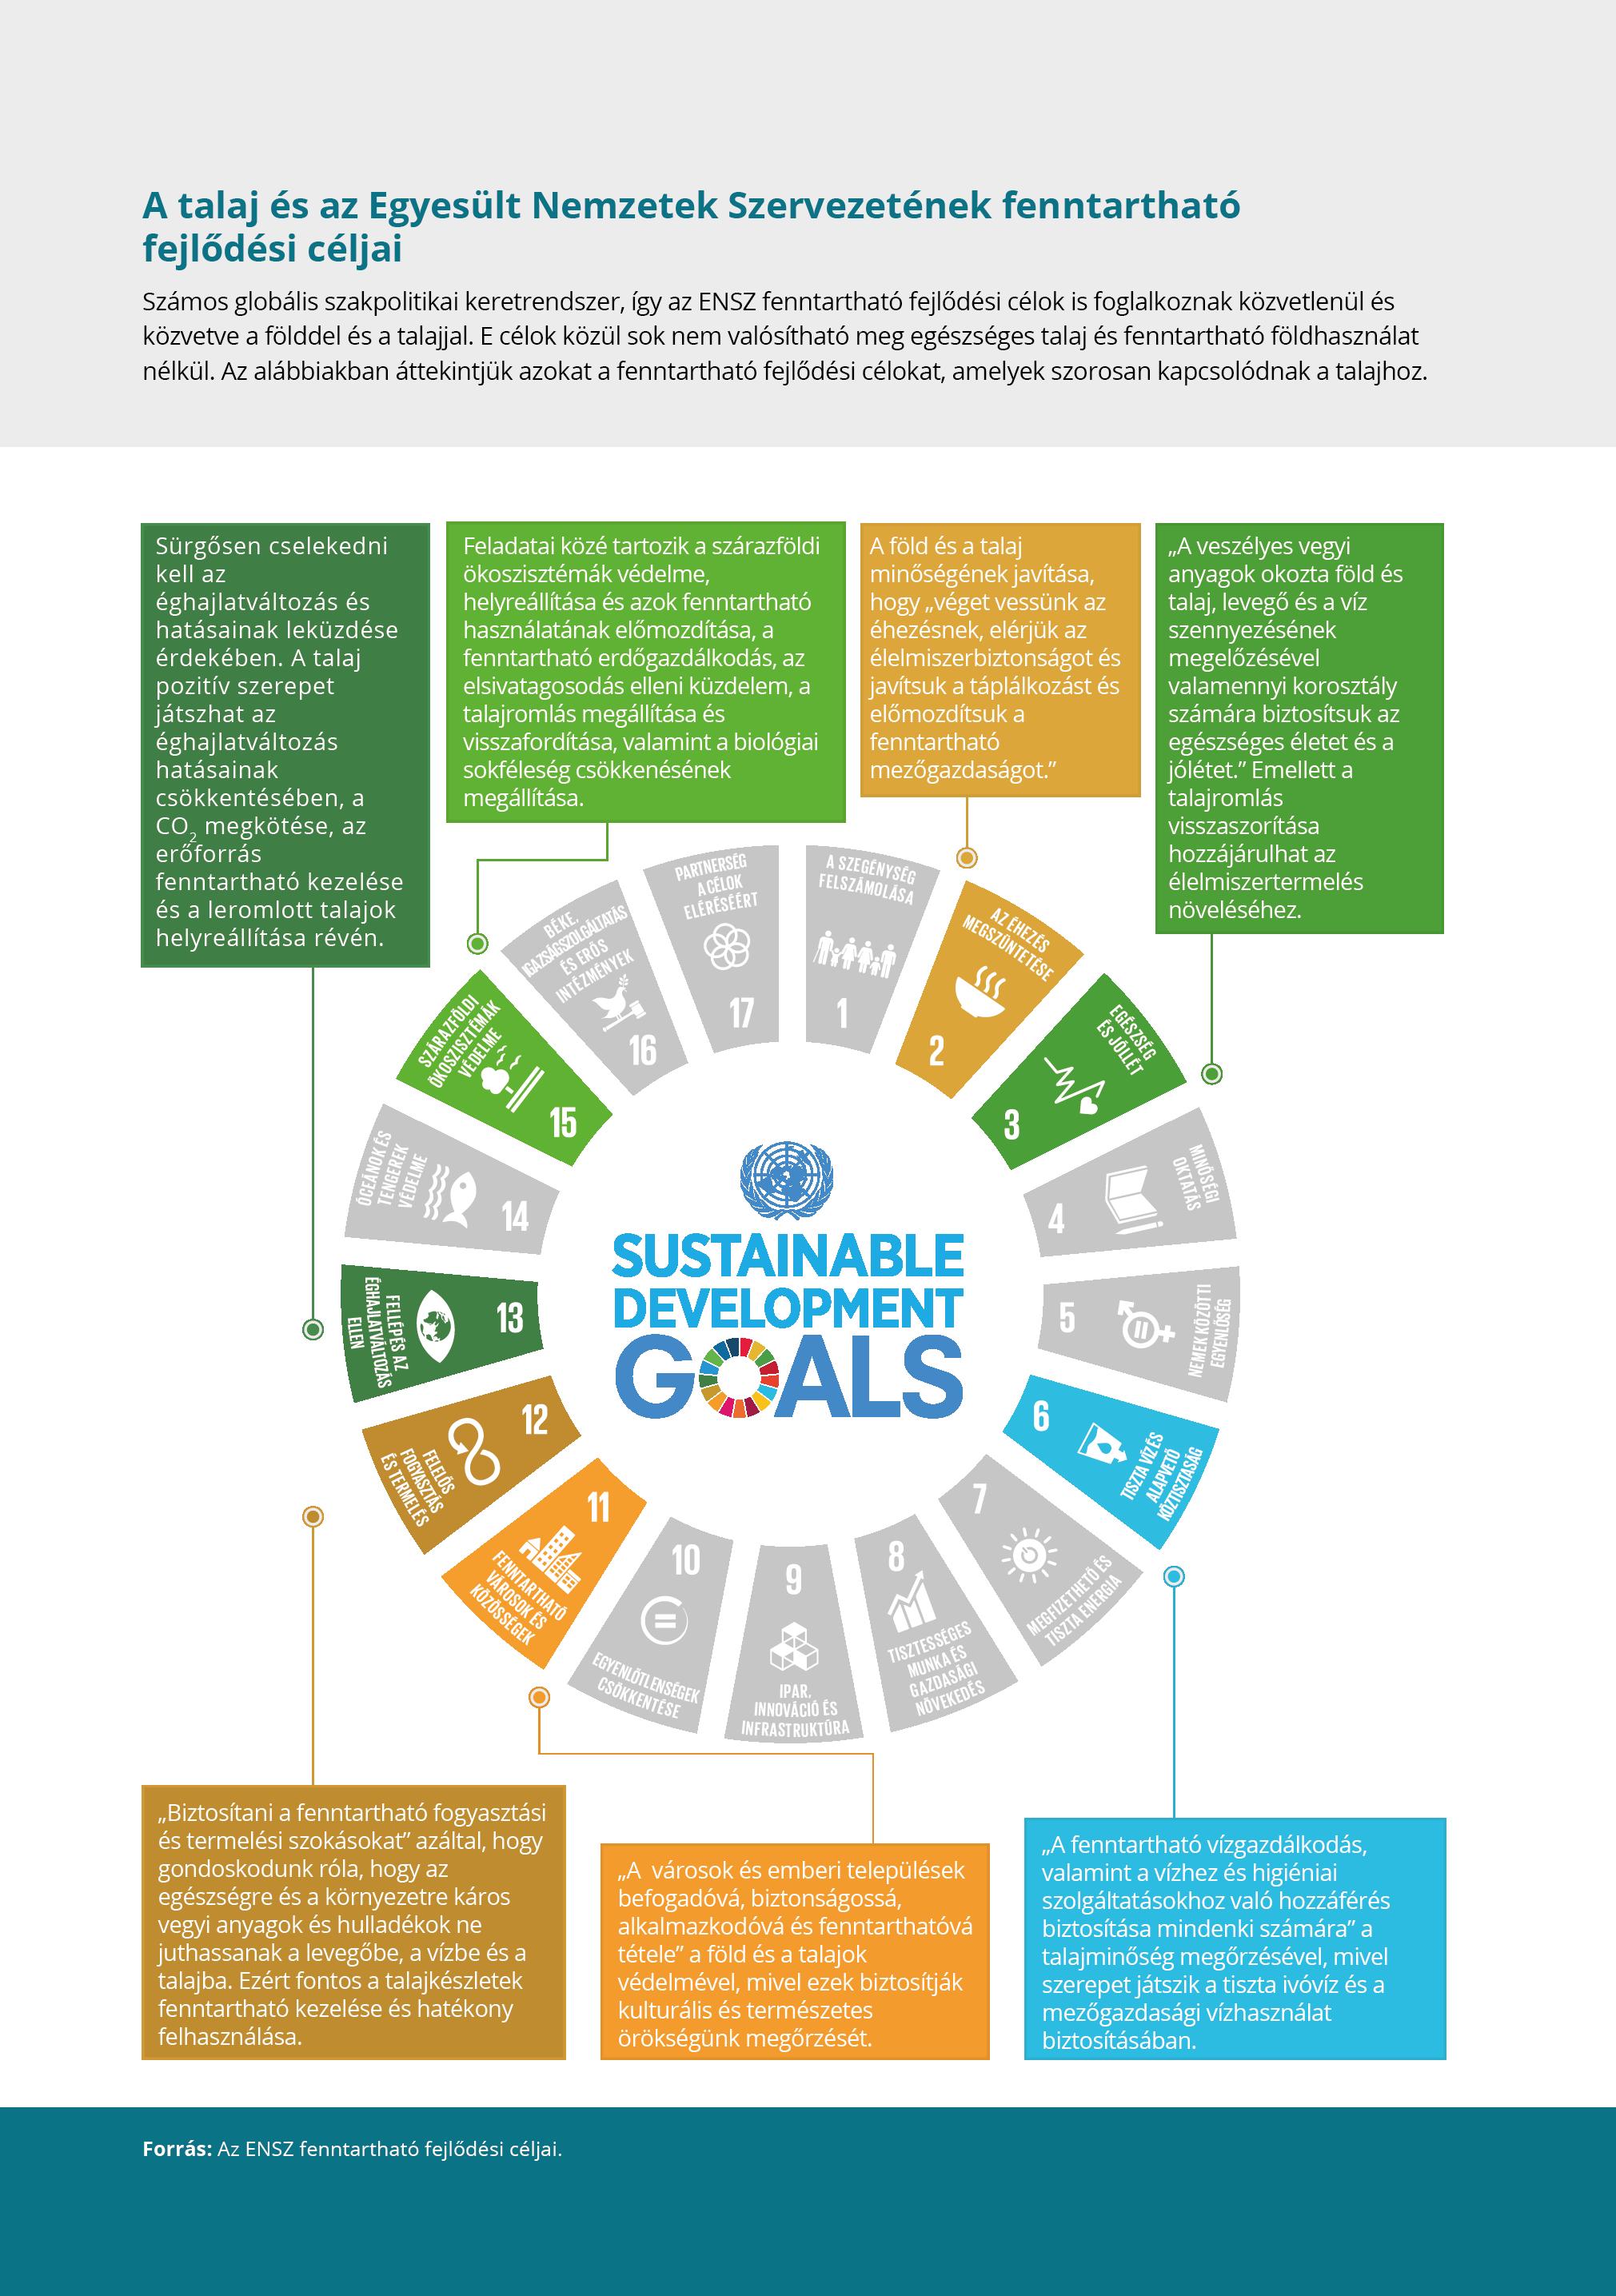 A talaj és az Egyesült Nemzetek Szervezetének fenntartható fejlődési céljai